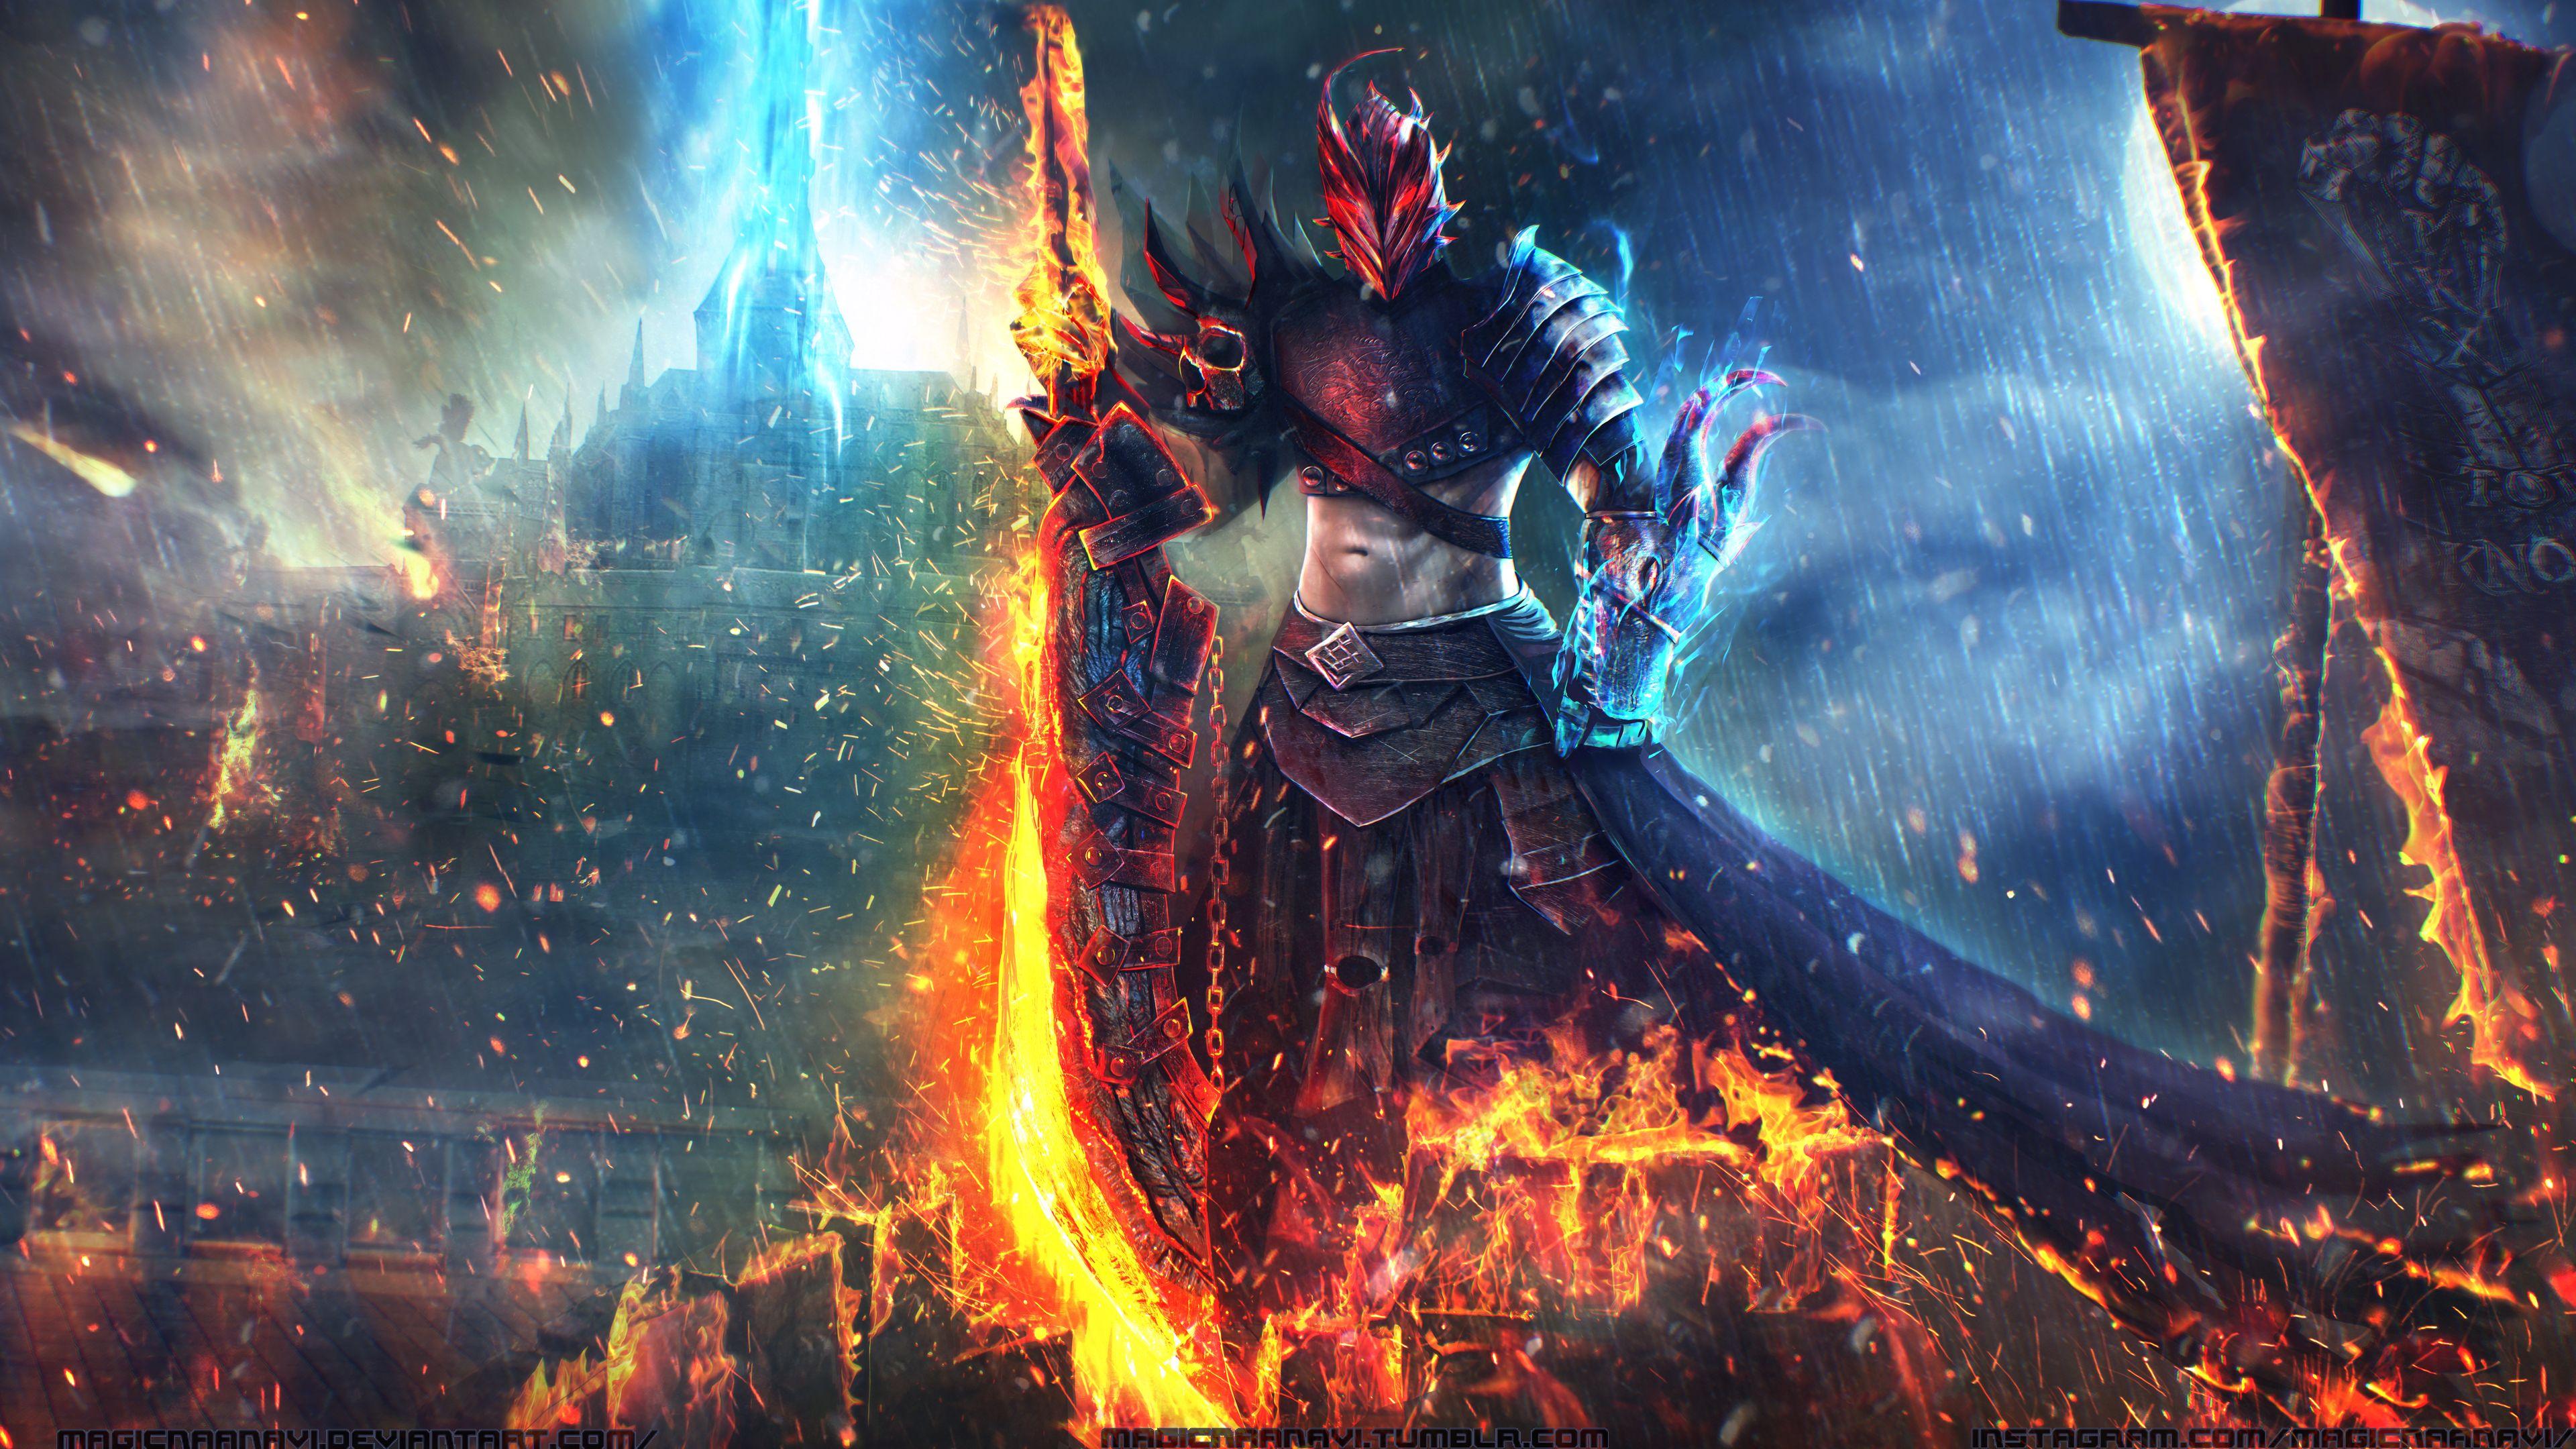 Sword Warrior 4k Warriors Wallpaper Fire Warrior Guild Wars